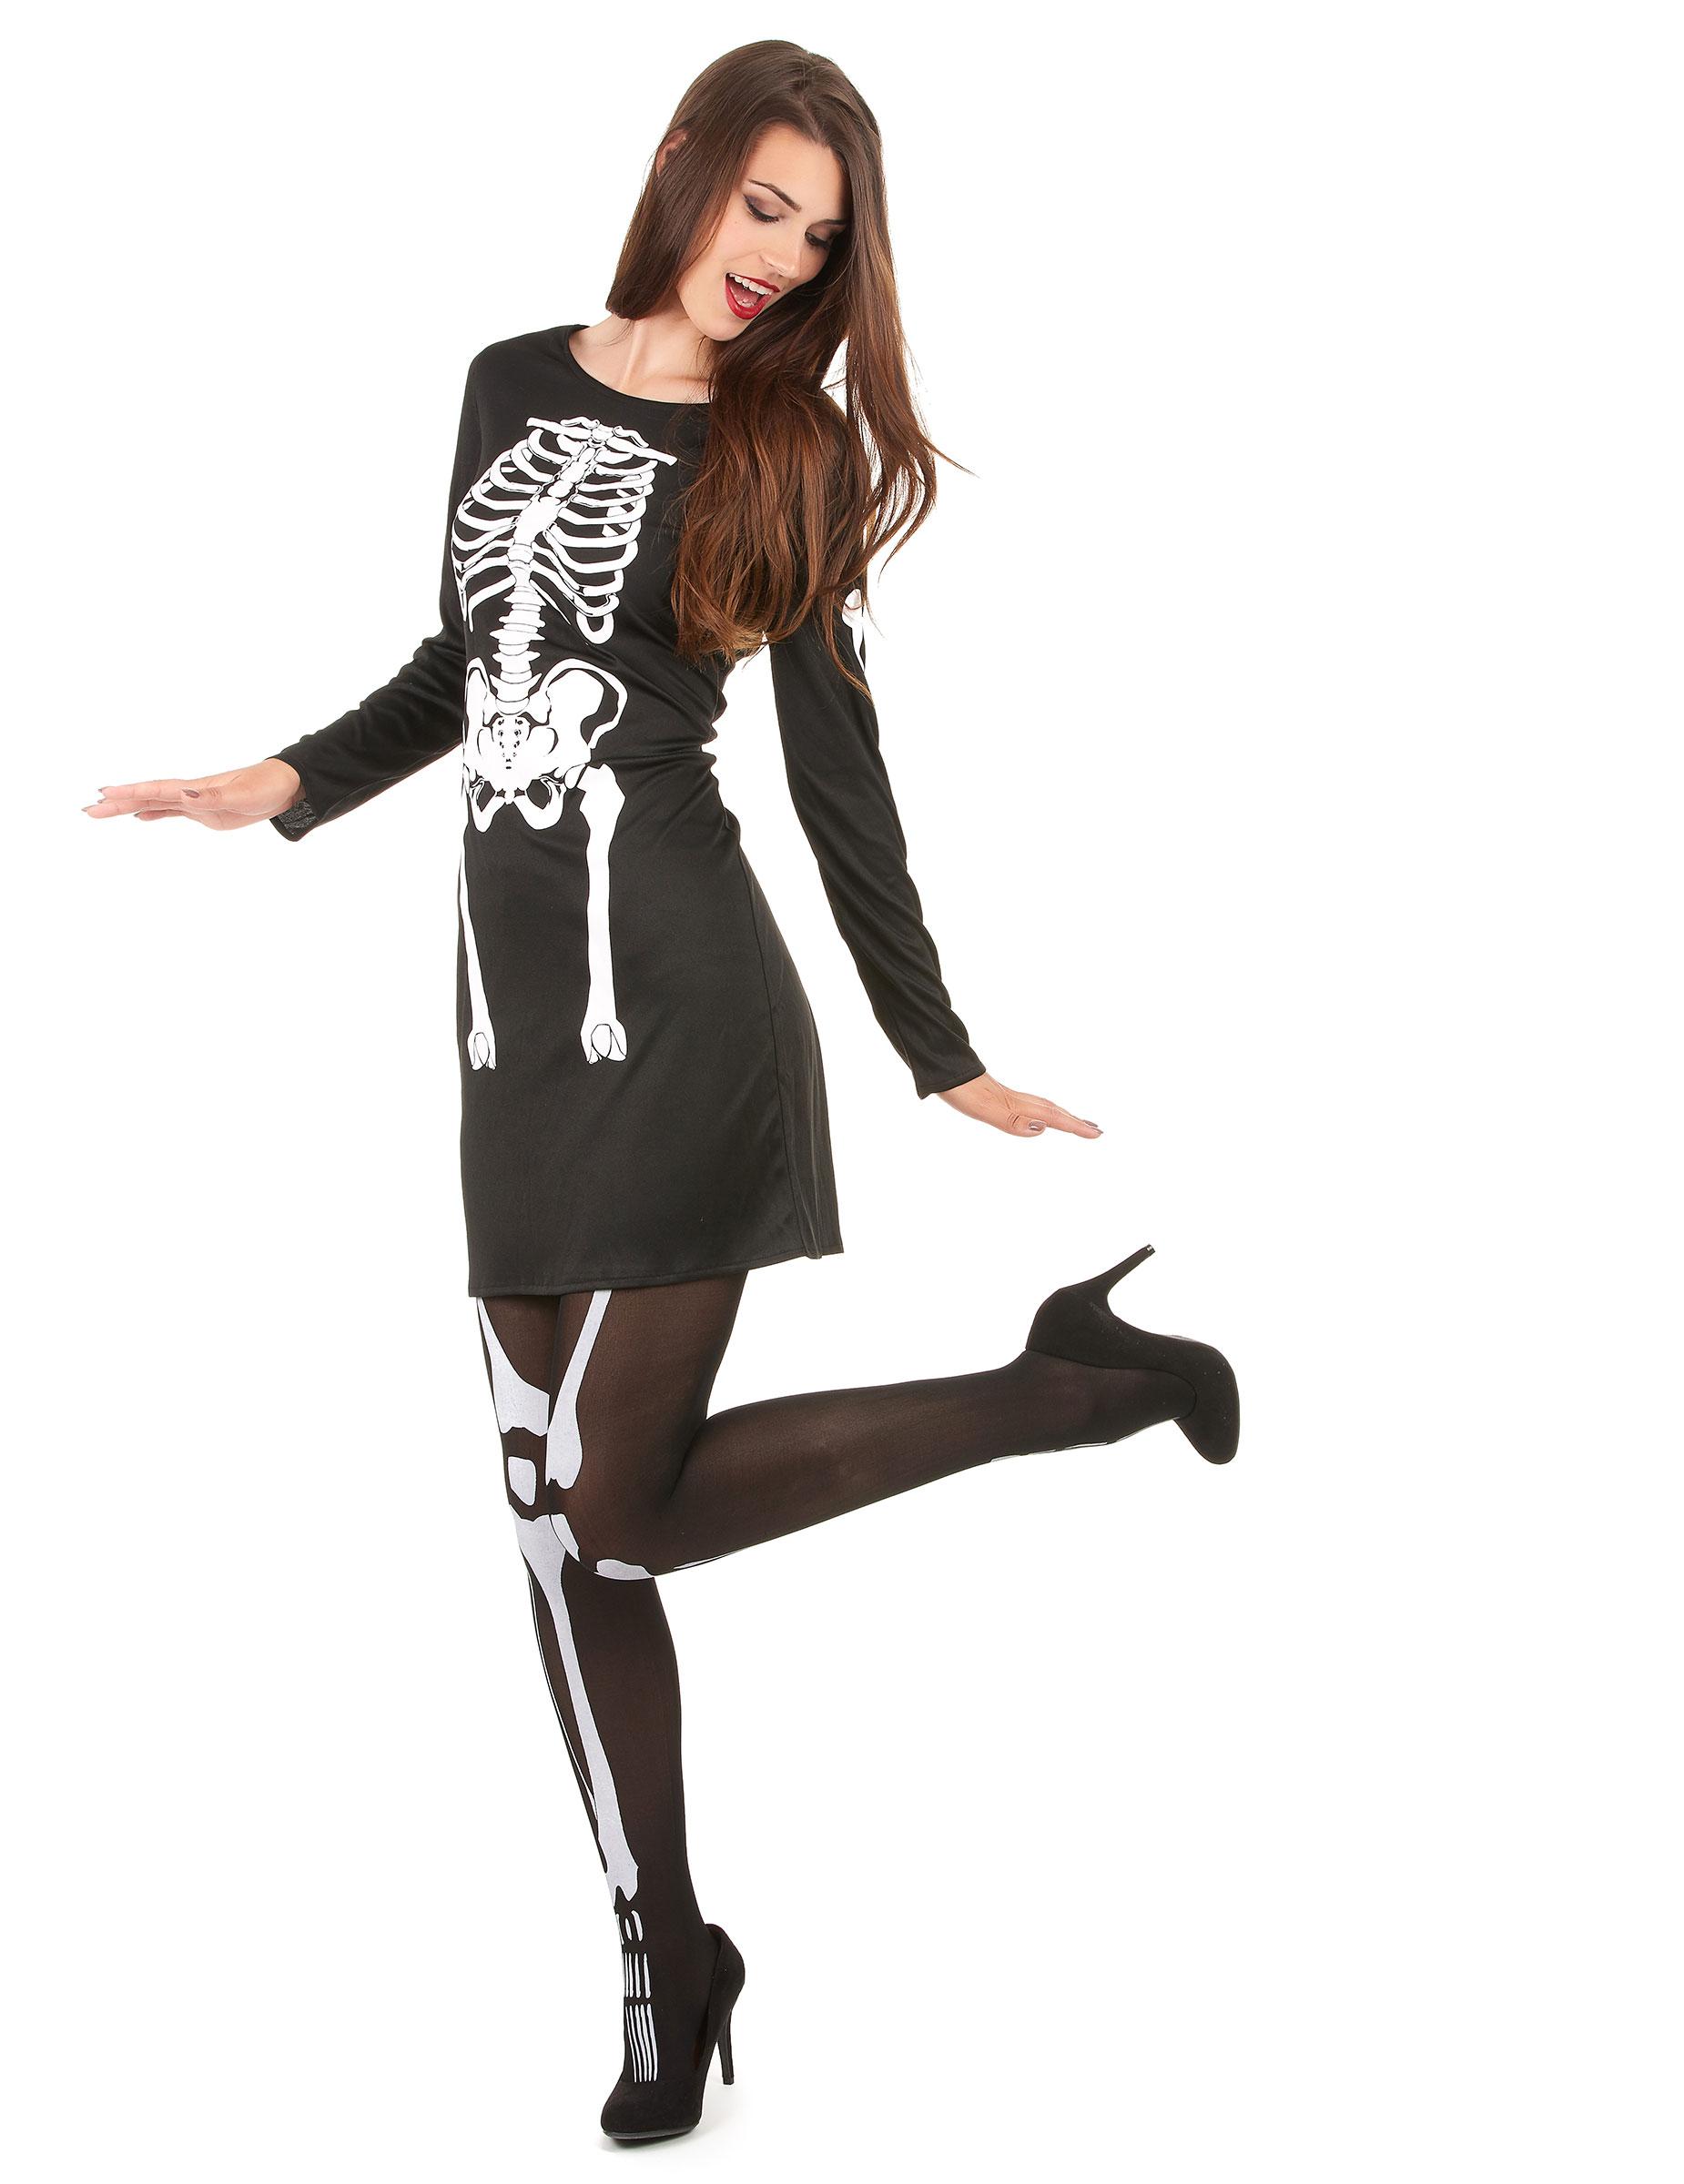 d guisement squelette femme halloween deguise toi achat de d guisements adultes. Black Bedroom Furniture Sets. Home Design Ideas